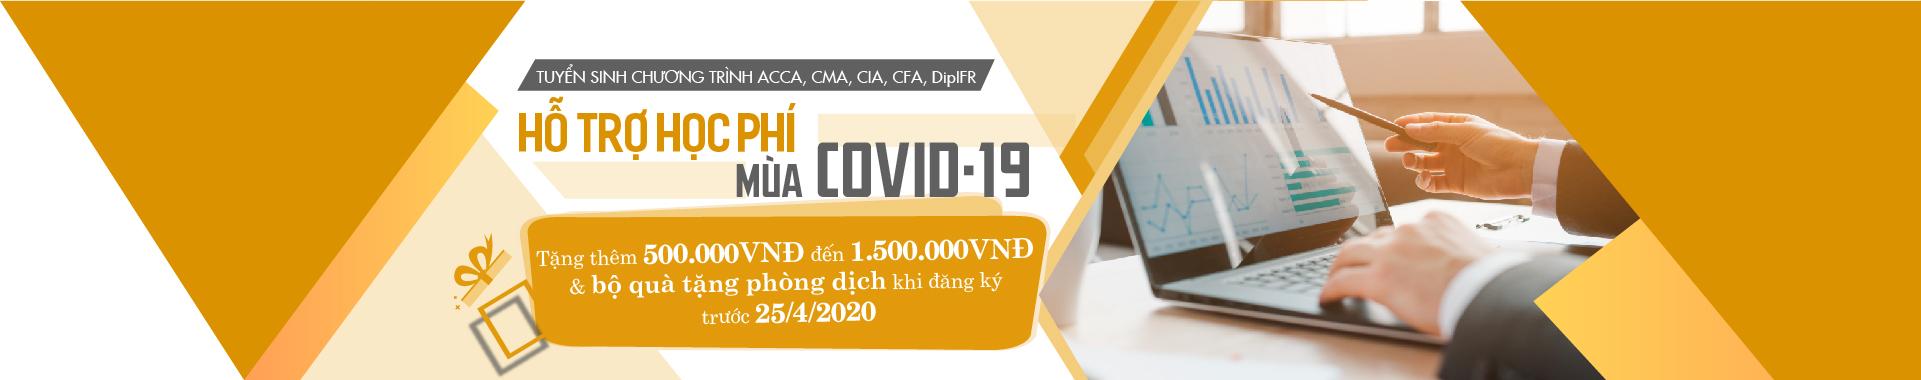 HO TRO HP MUA COVID-19-03